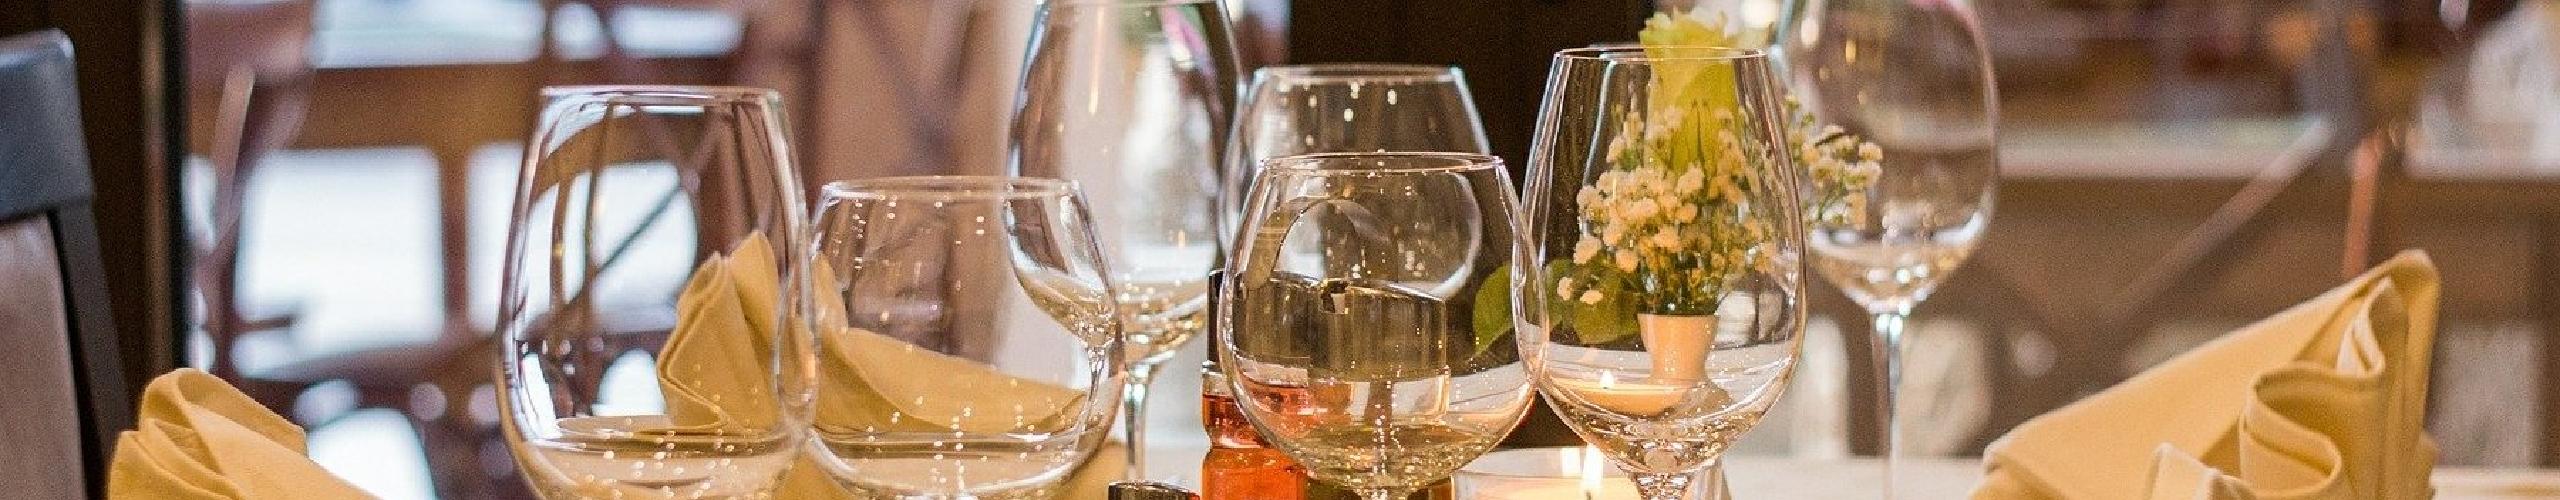 Restaurant drinking glasses panel background